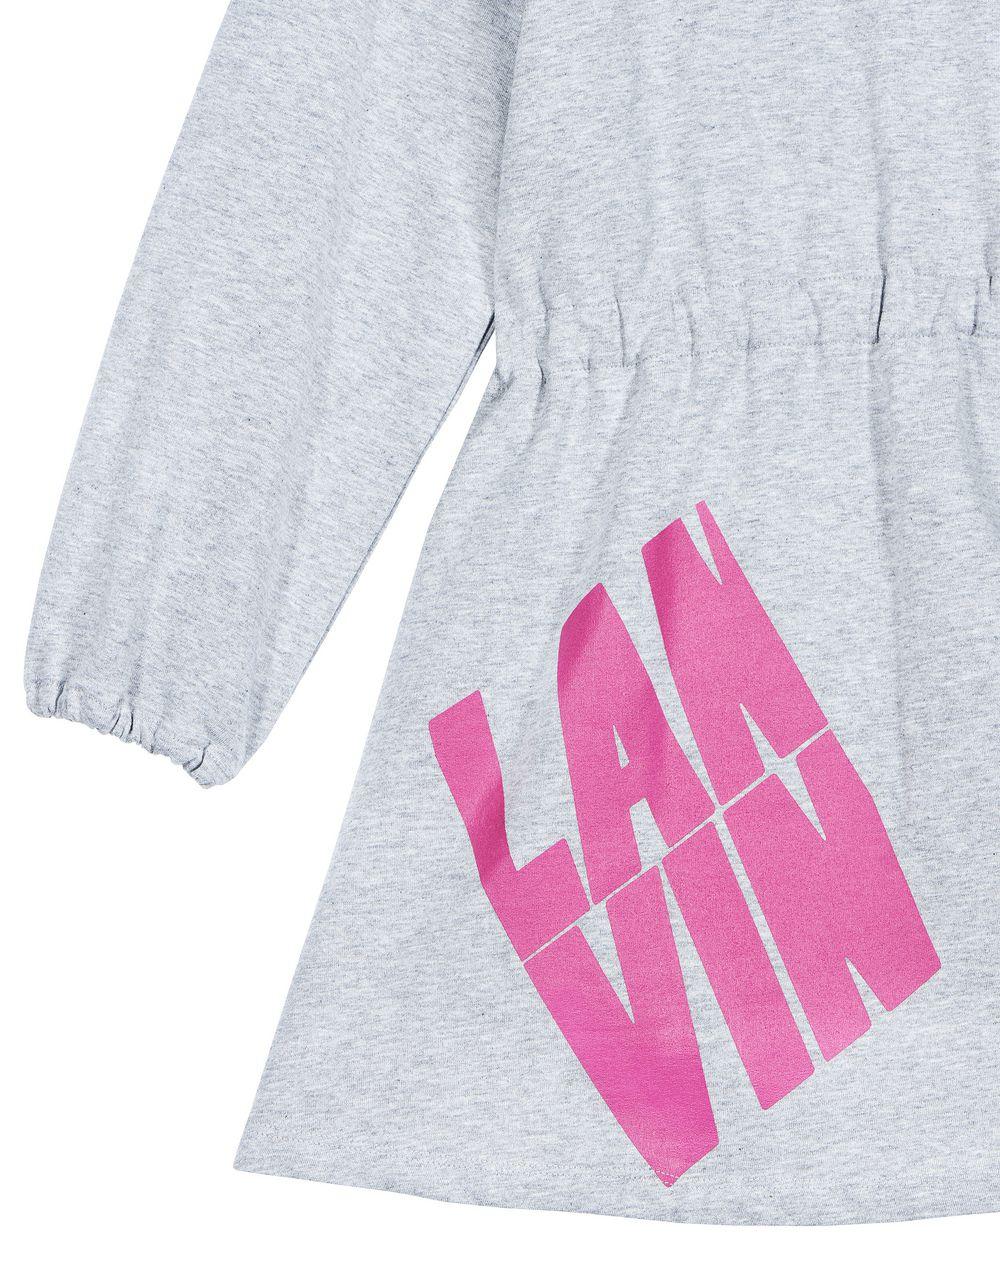 GRAY LANVIN LOGO DRESS - Lanvin